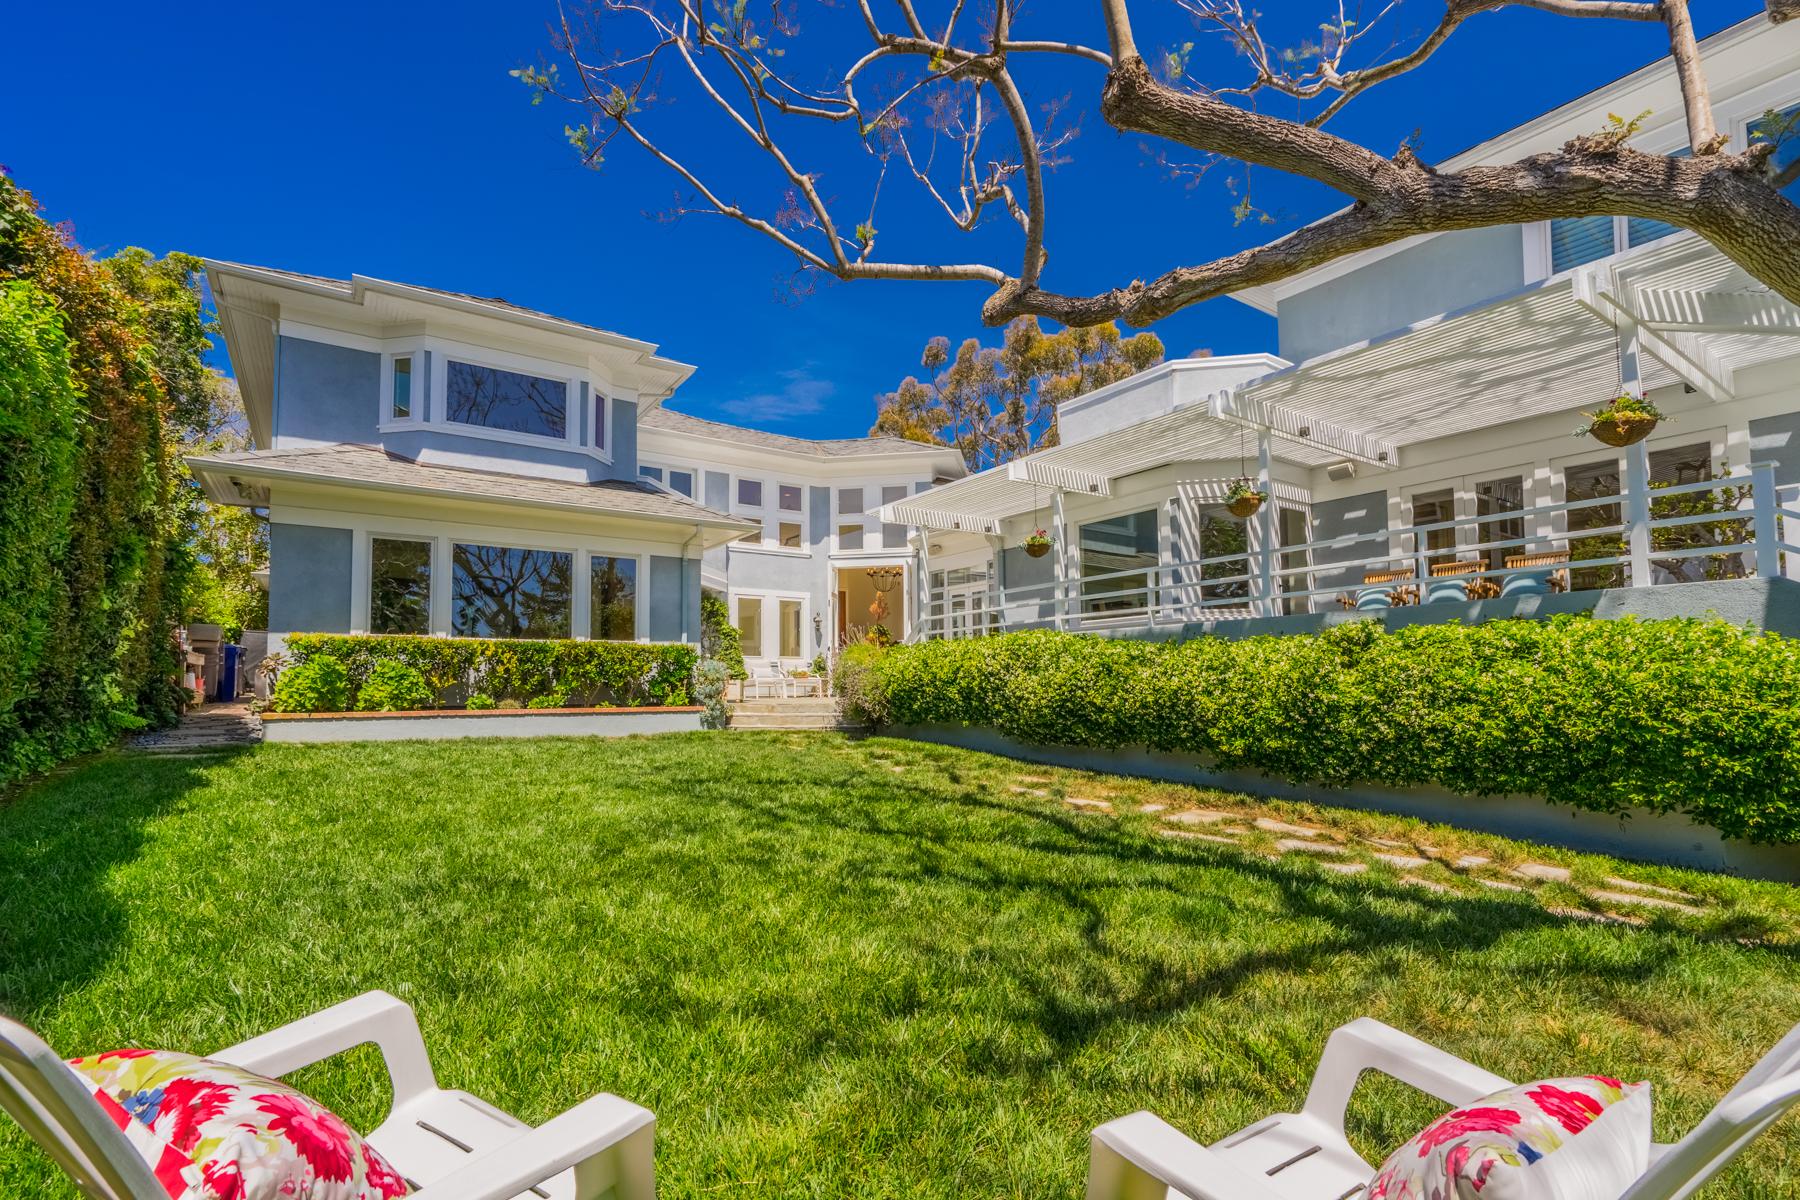 단독 가정 주택 용 매매 에 455 Silvergate Avenue San Diego, 캘리포니아, 92106 미국